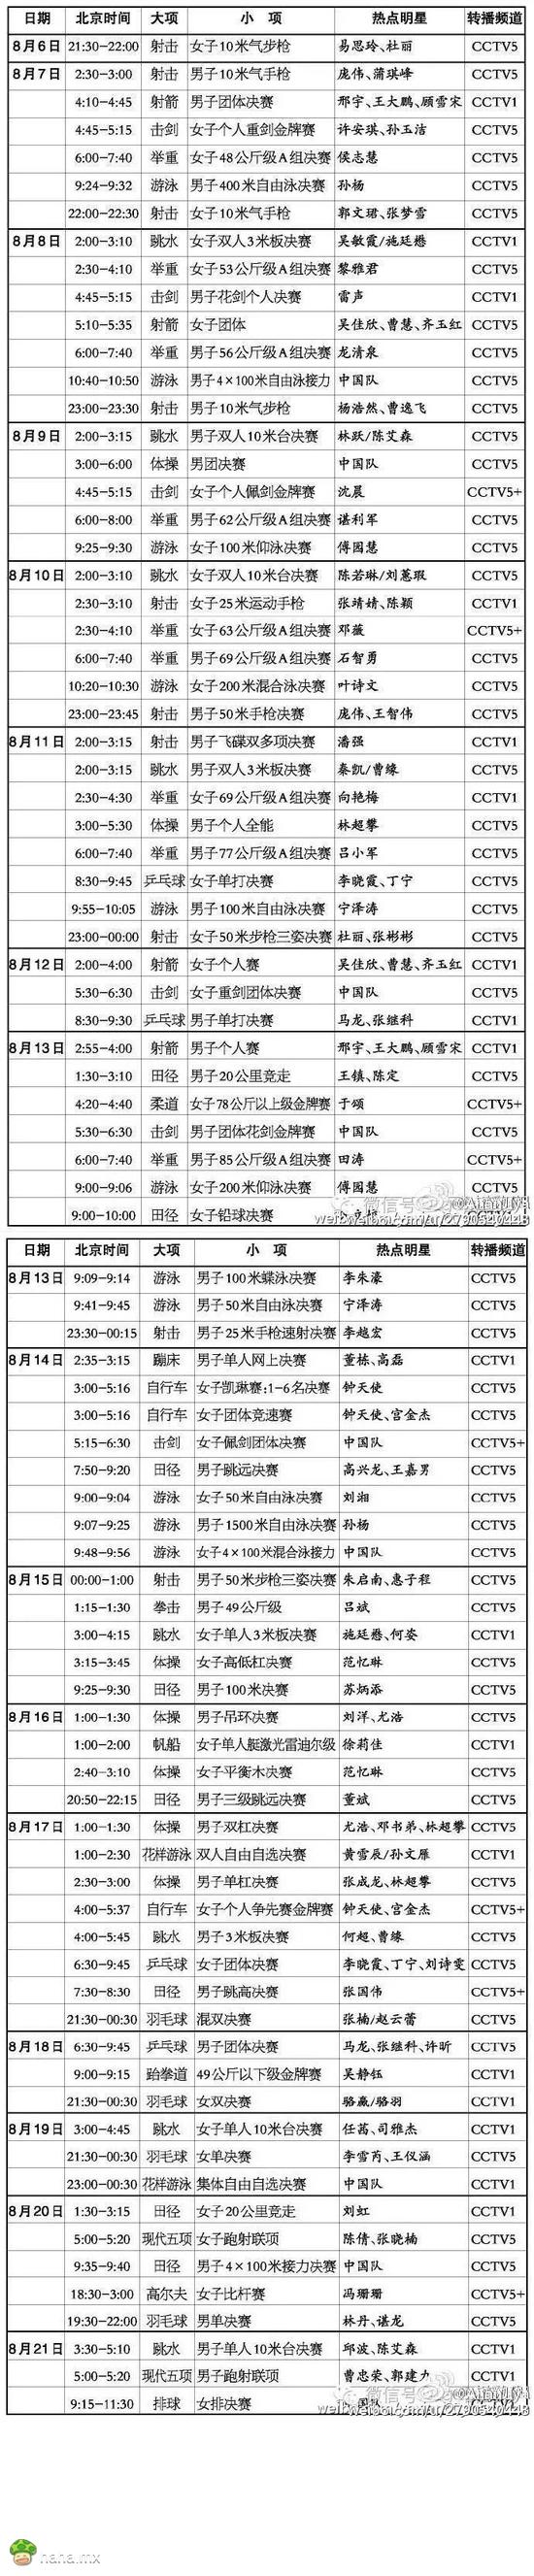 奥运会中国队赛事时间表